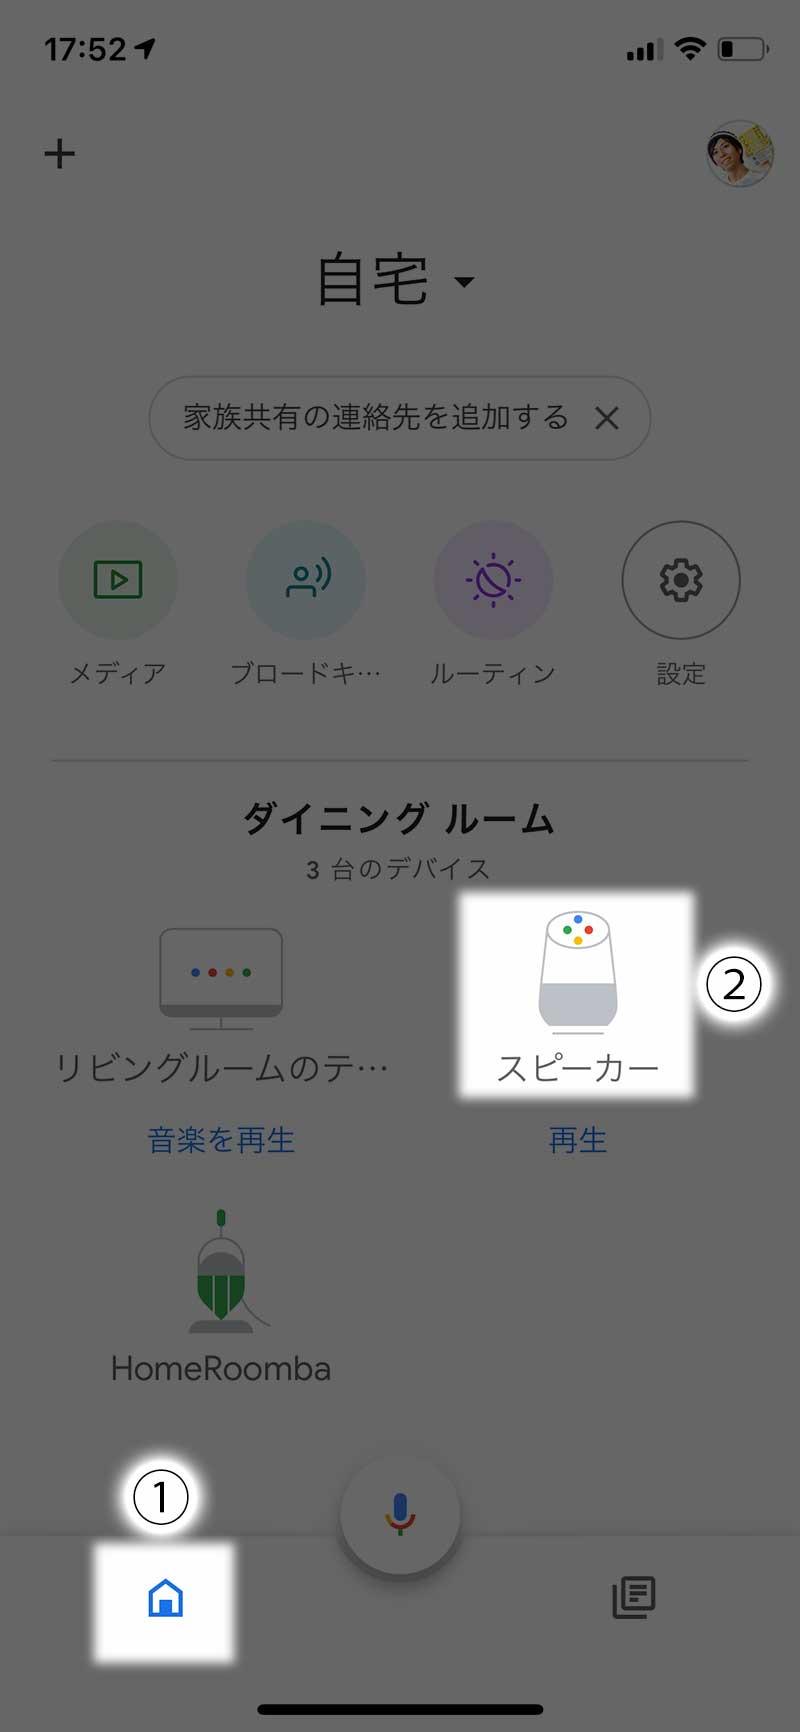 左下の「家」のマーク→「Google Homeのアイコン」をタップ